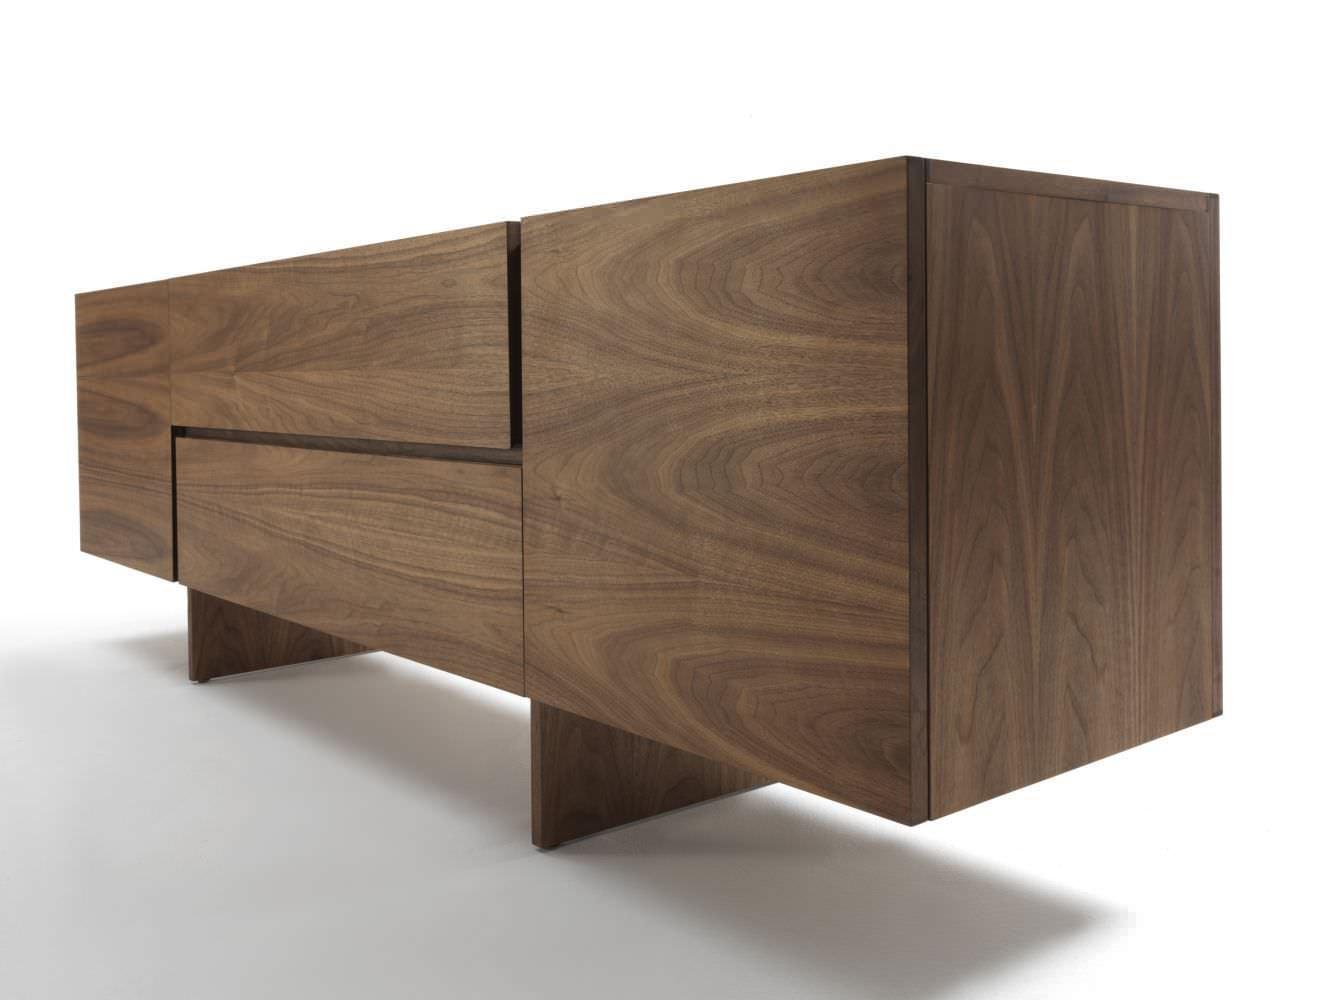 Credenza Moderna In Legno Massello : Credenza moderna in legno massiccio aki by bartoli design